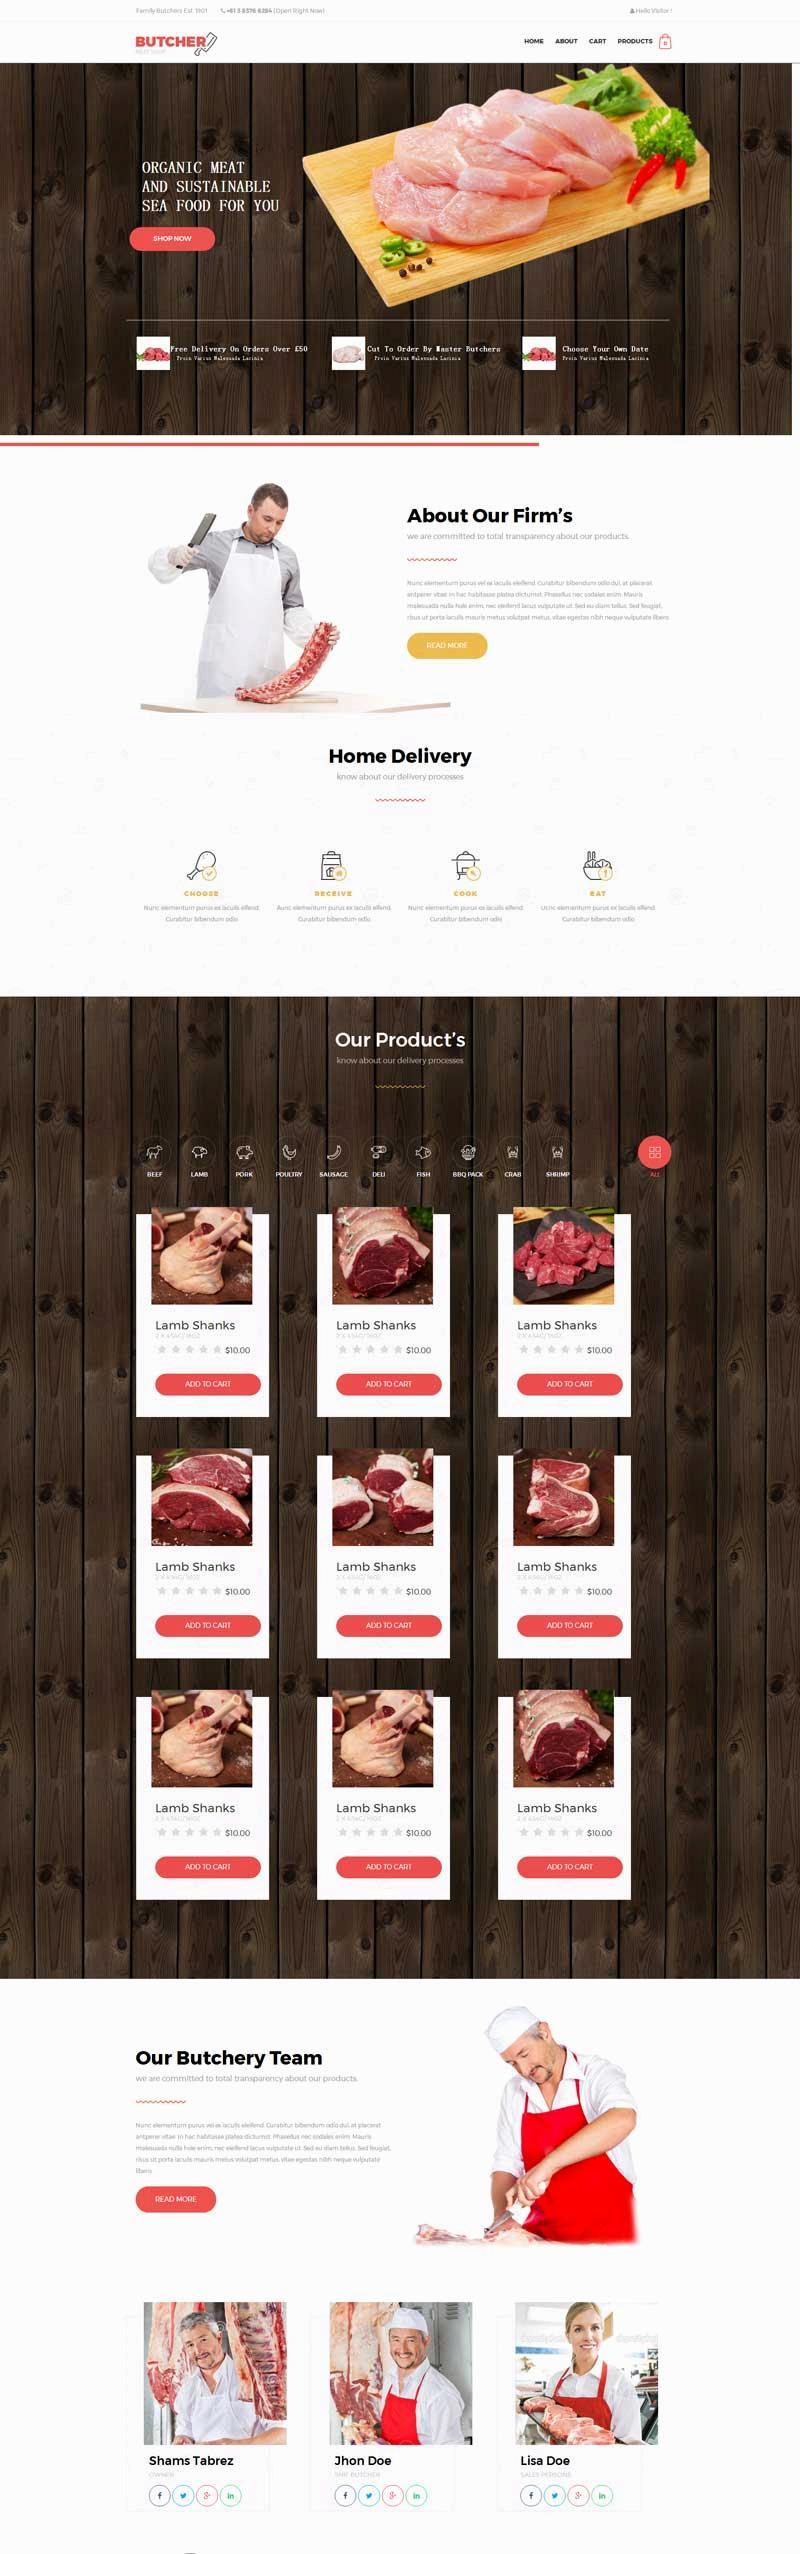 红色宽屏的肉制品销售公司网站模板